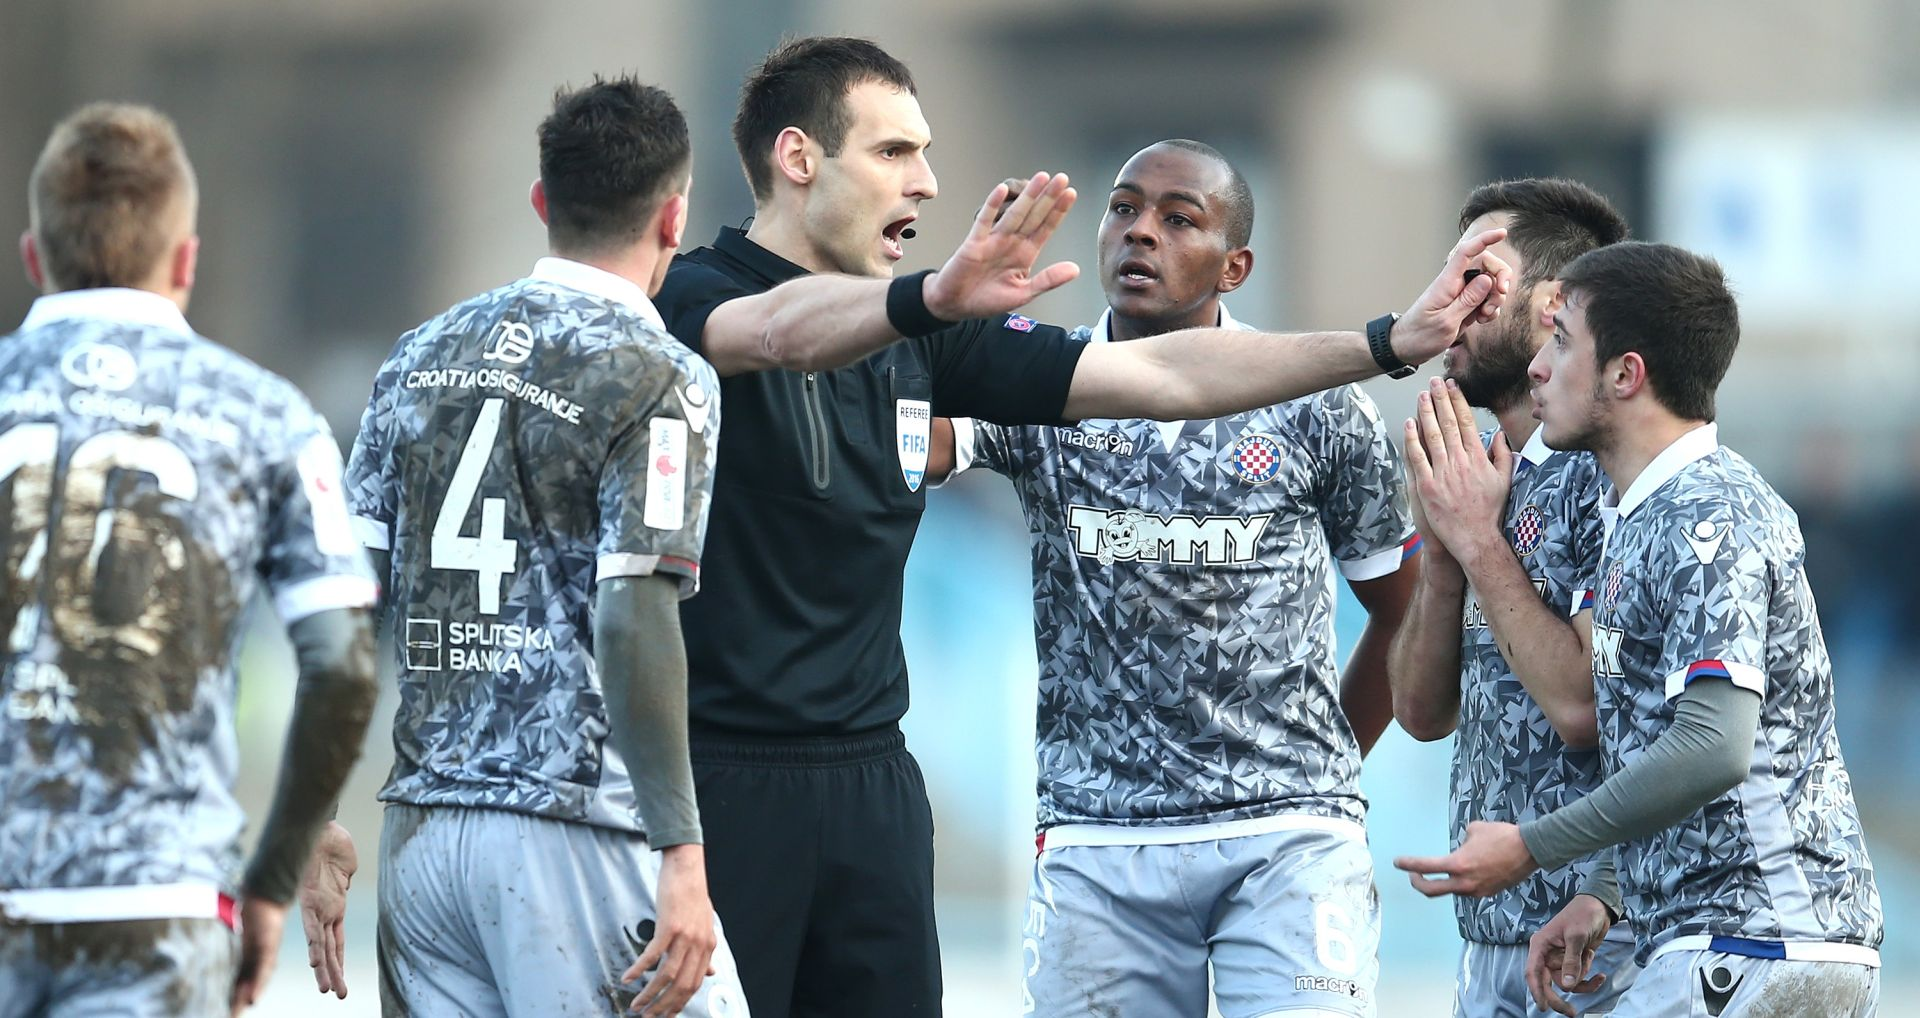 POSLAN I SLUŽBENI ZAHTJEV Hajduk za polufinale i finale Kupa traži inozemne suce